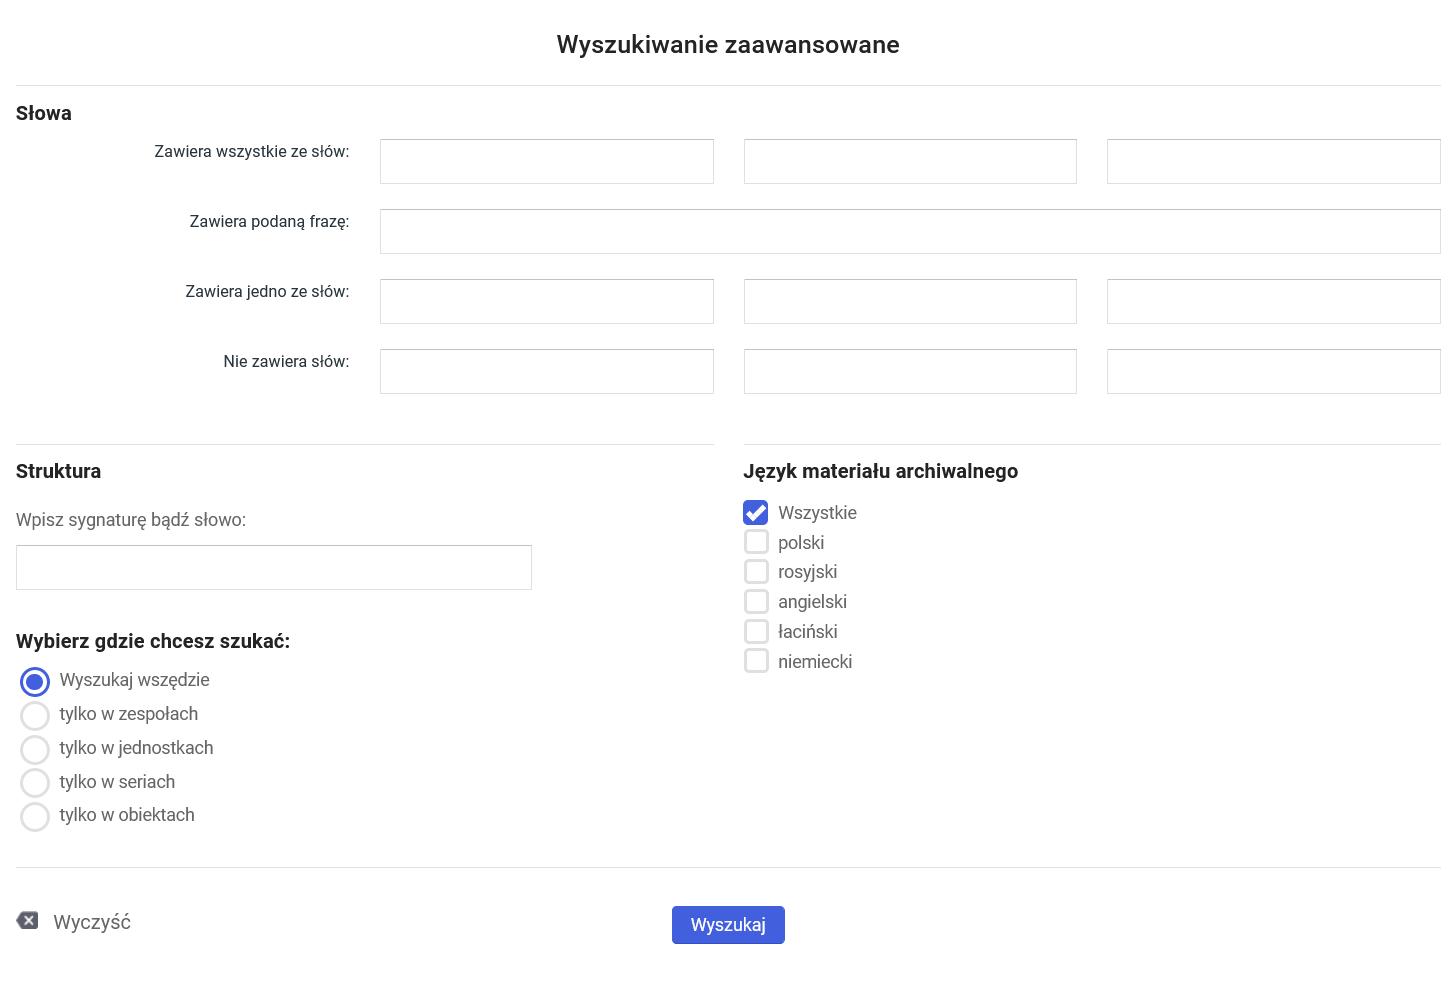 grafika przedstawiająca wyszukiwarkę zaawansowaną